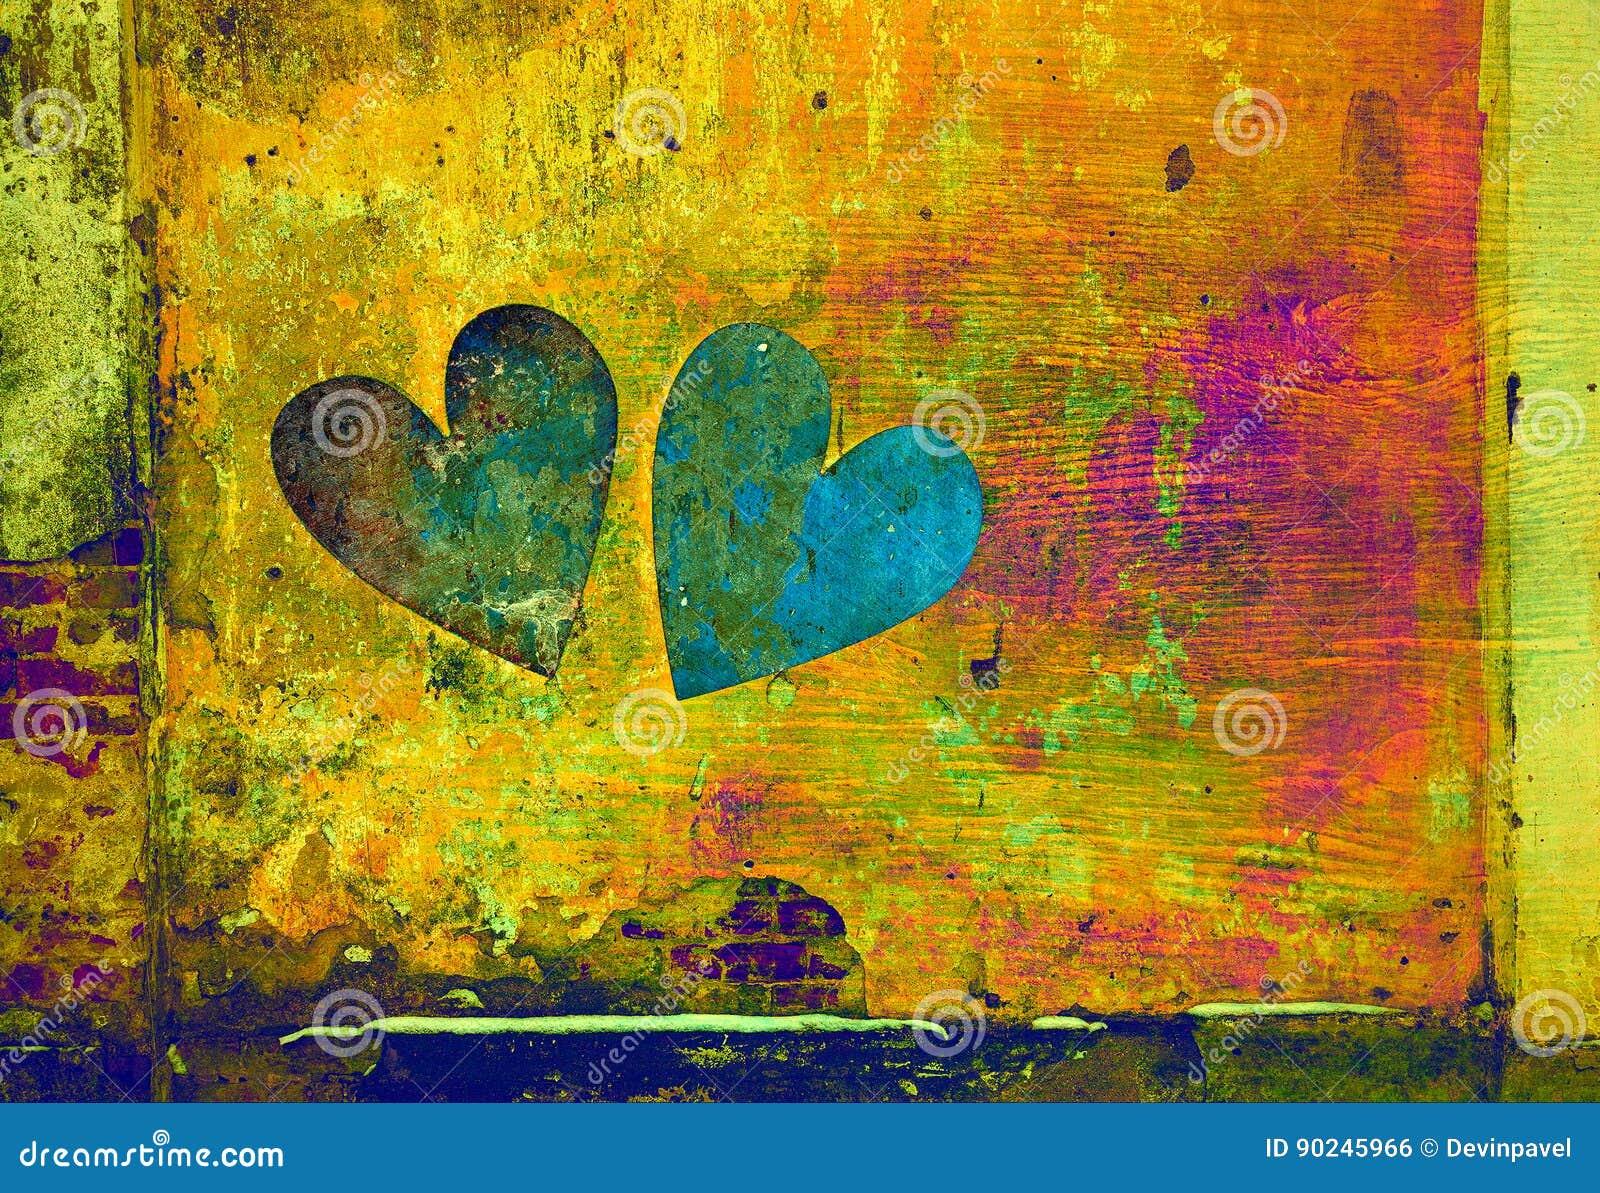 ημέρας ρωμανικό s καρδιών απομονωμένο απεικόνιση λευκό βαλεντίνων αγάπης δύο καρδιές στο ύφος grunge στο αφηρημένο υπόβαθρο